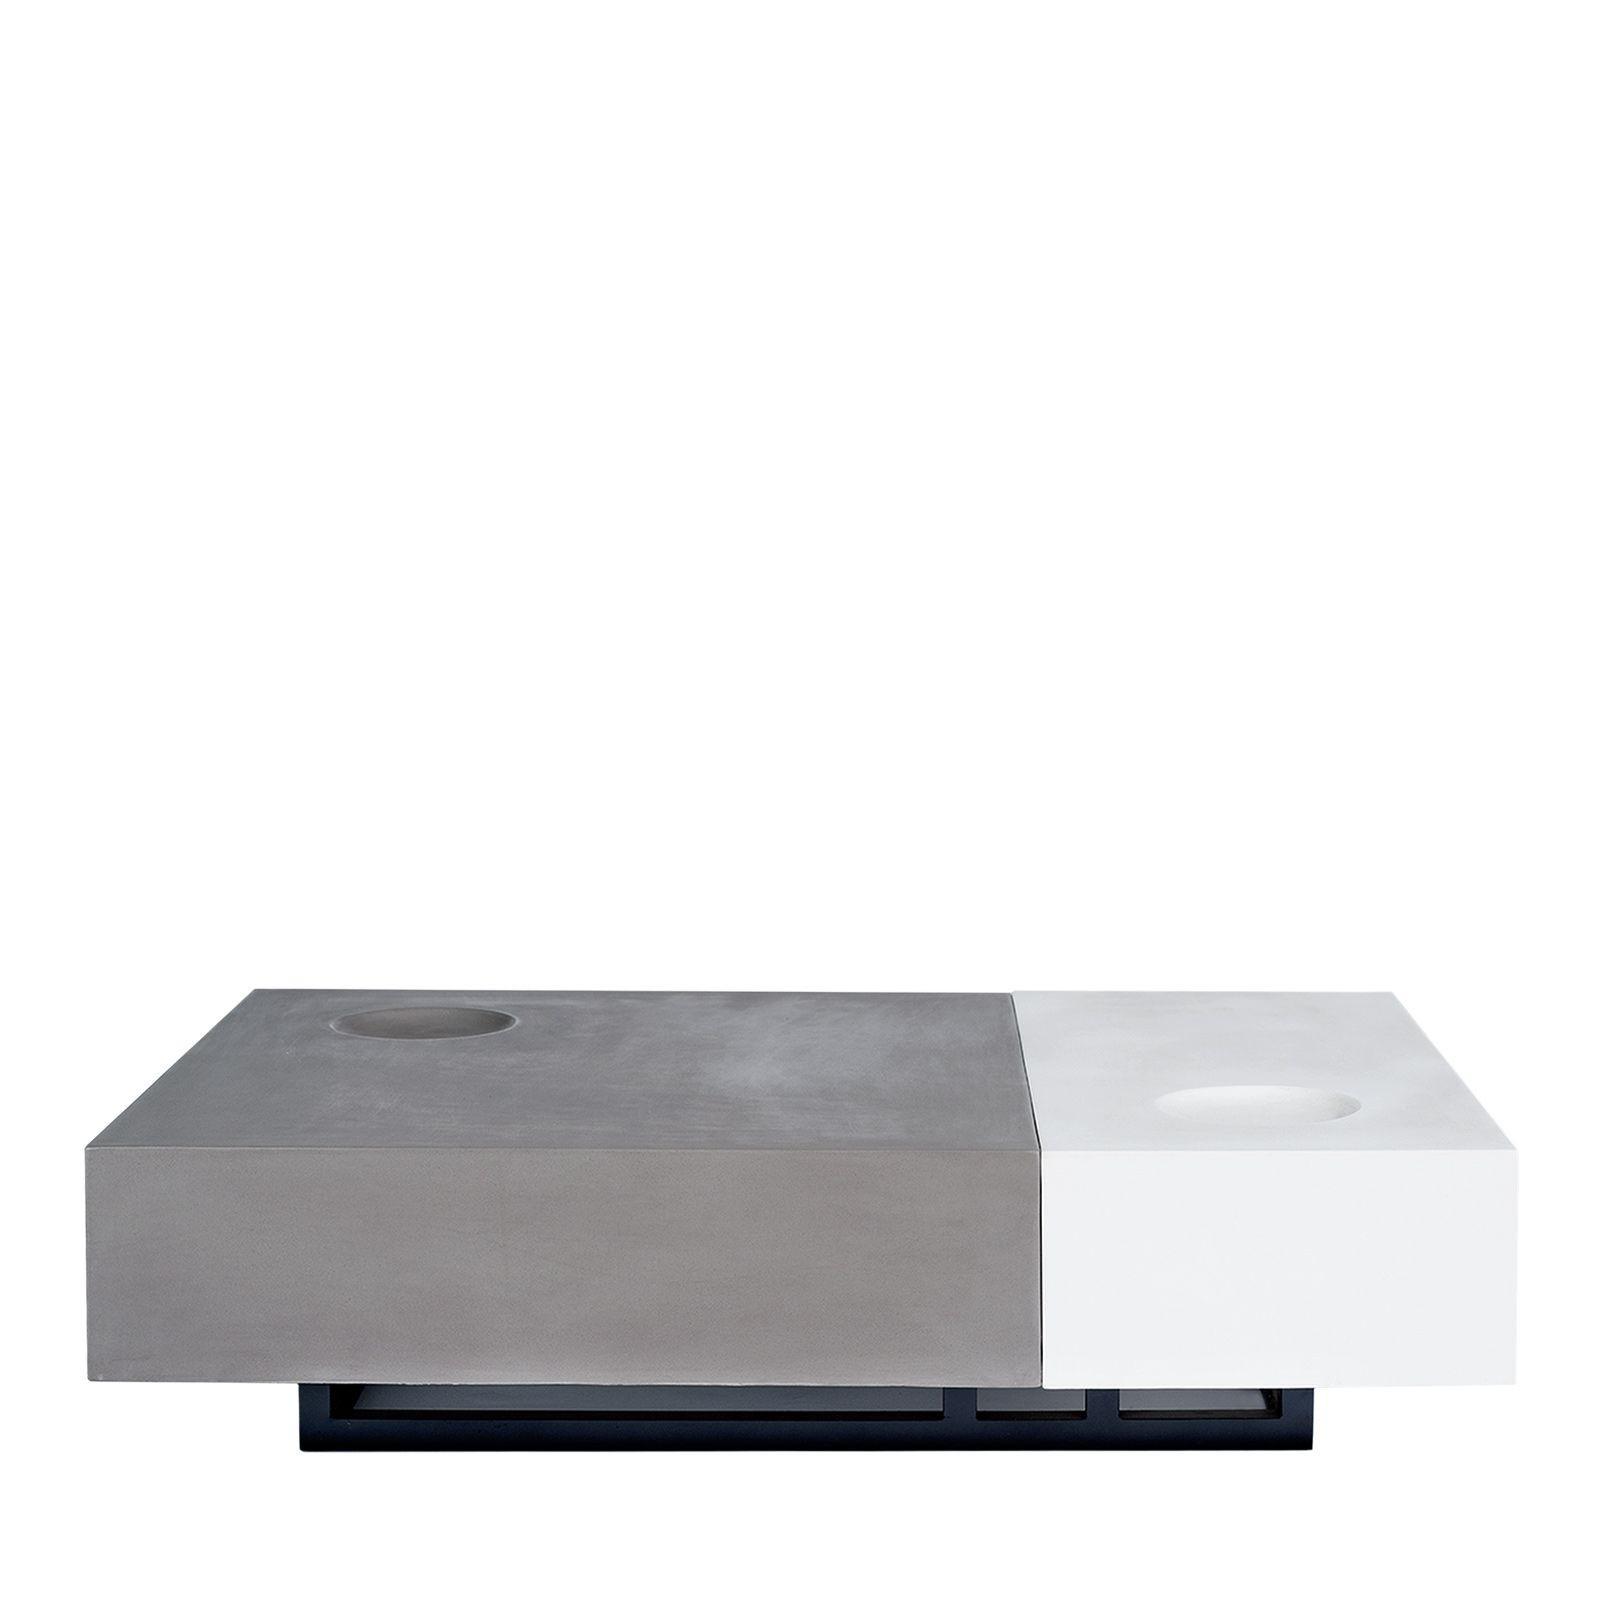 Table Da'mino | Concrete